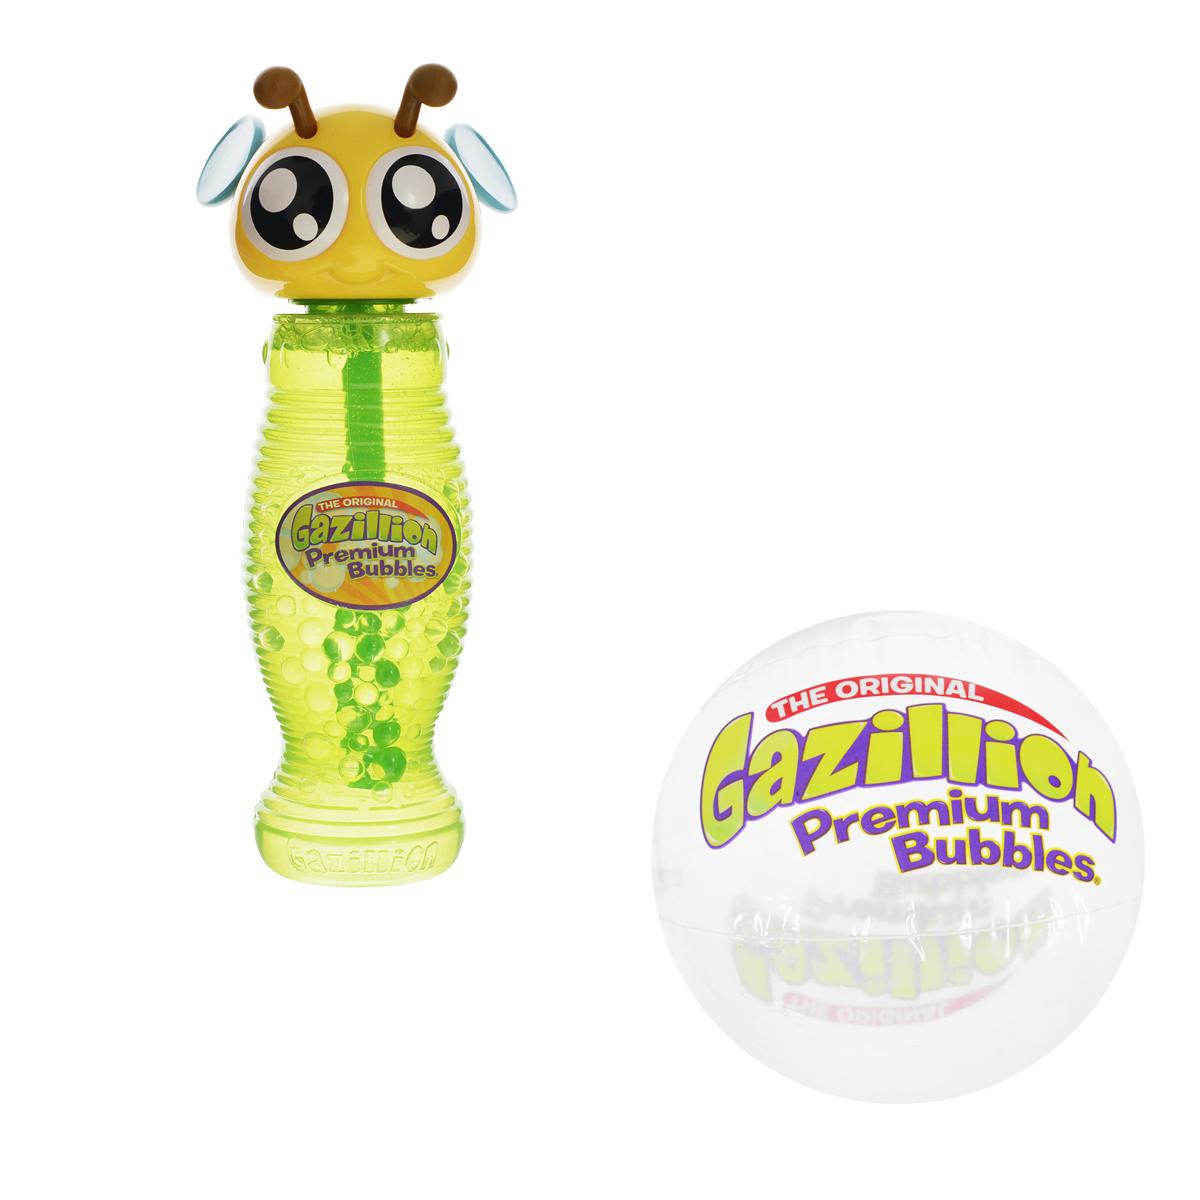 Мыльные пузыри Gazillion Bubbles Пчела, 300 мл36341_пчелаВсе дети обожают пускать мыльные пузыри! С мыльными пузырями Gazillion Bubbles это будет вдвойне интереснее! Ваш ребенок сможет надуть великолепные пузыри разных размеров, которые будут переливаться всеми цветами радуги и парить в воздухе, радуя его. Во флаконе есть палочка-насадка для выдувания бесчисленного количества пузырьков и оригинальная крышечка в виде пчелки.